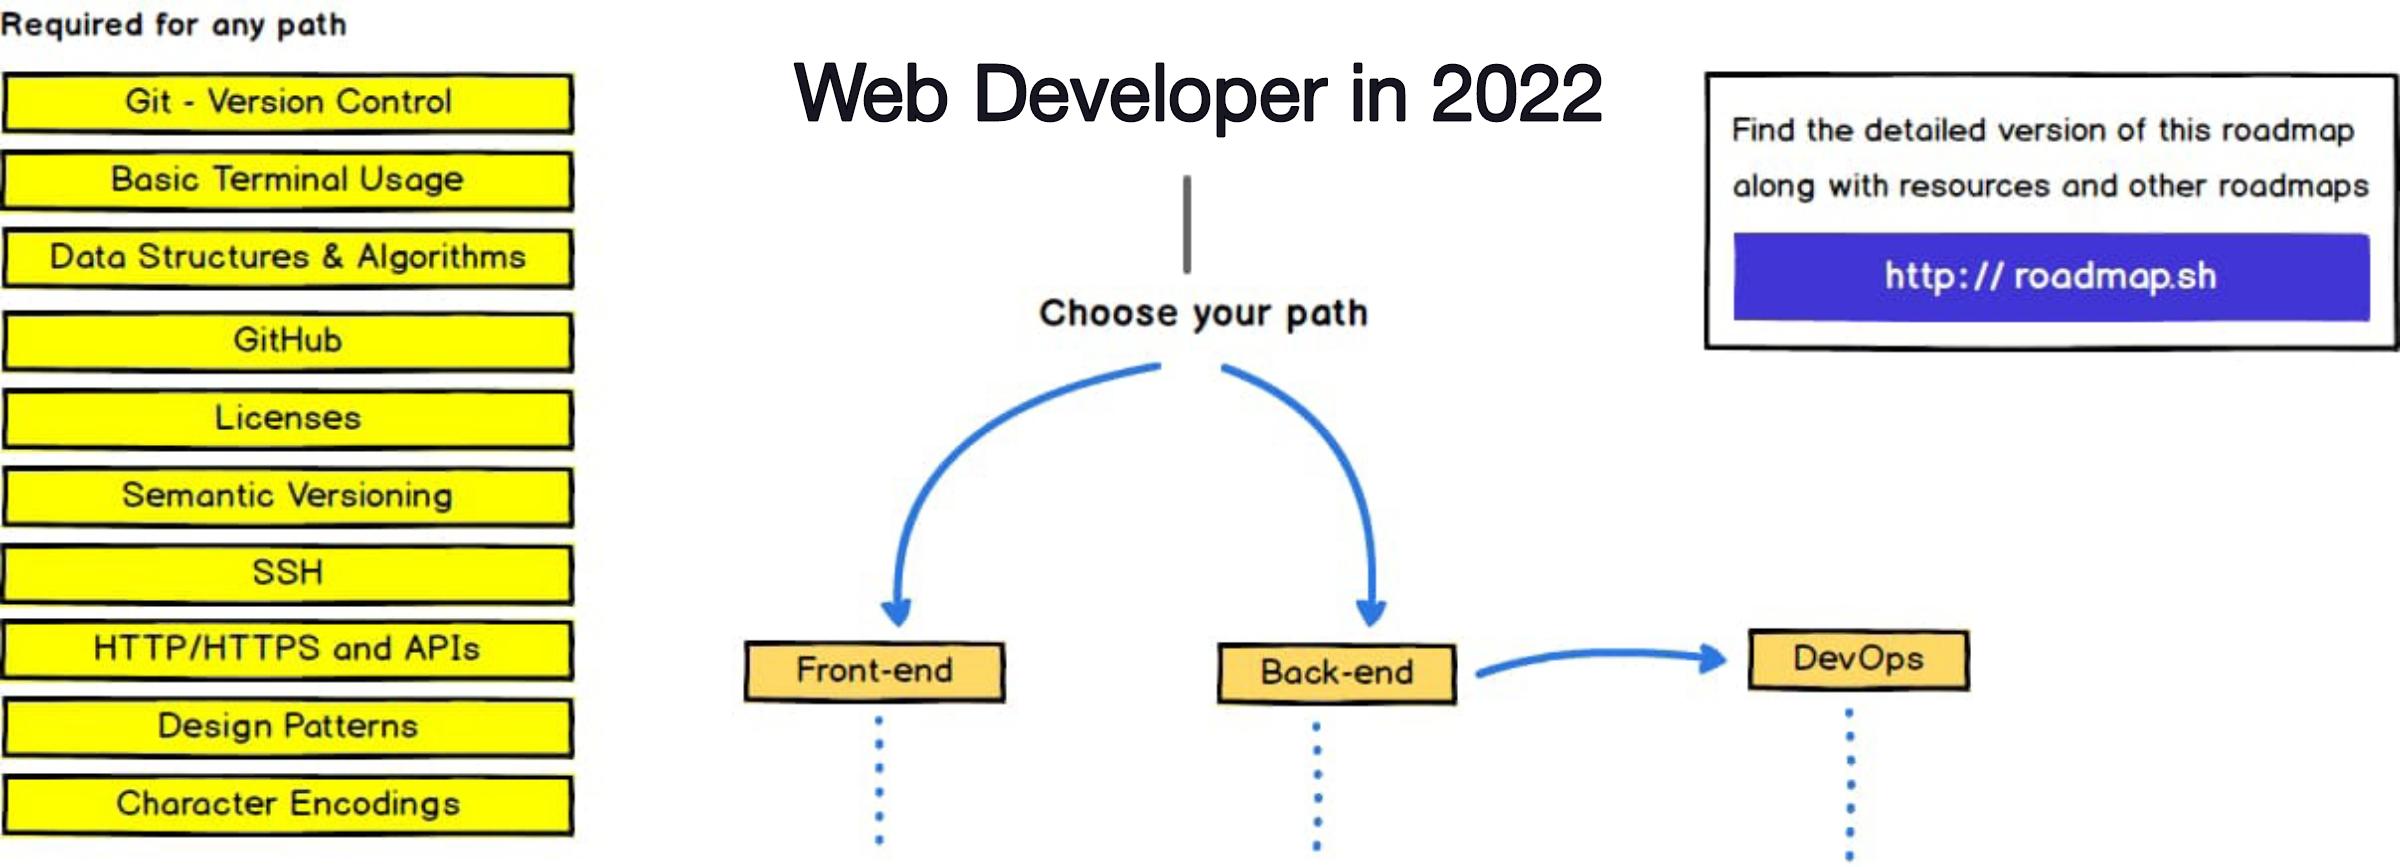 2022 Web Developer Roadmaps